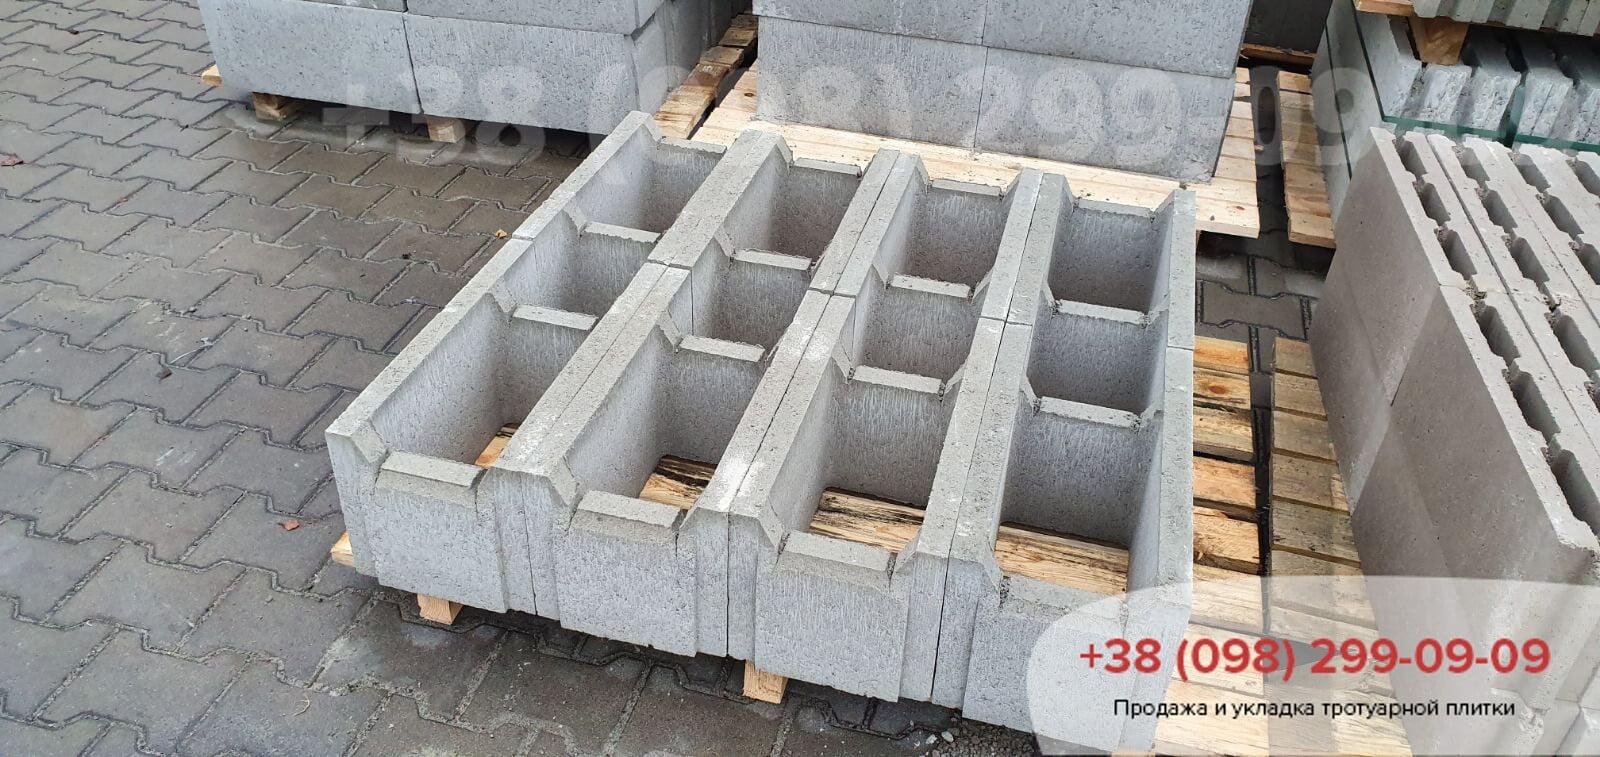 Опалубка для бетона купить в шлакобетон и керамзитобетон